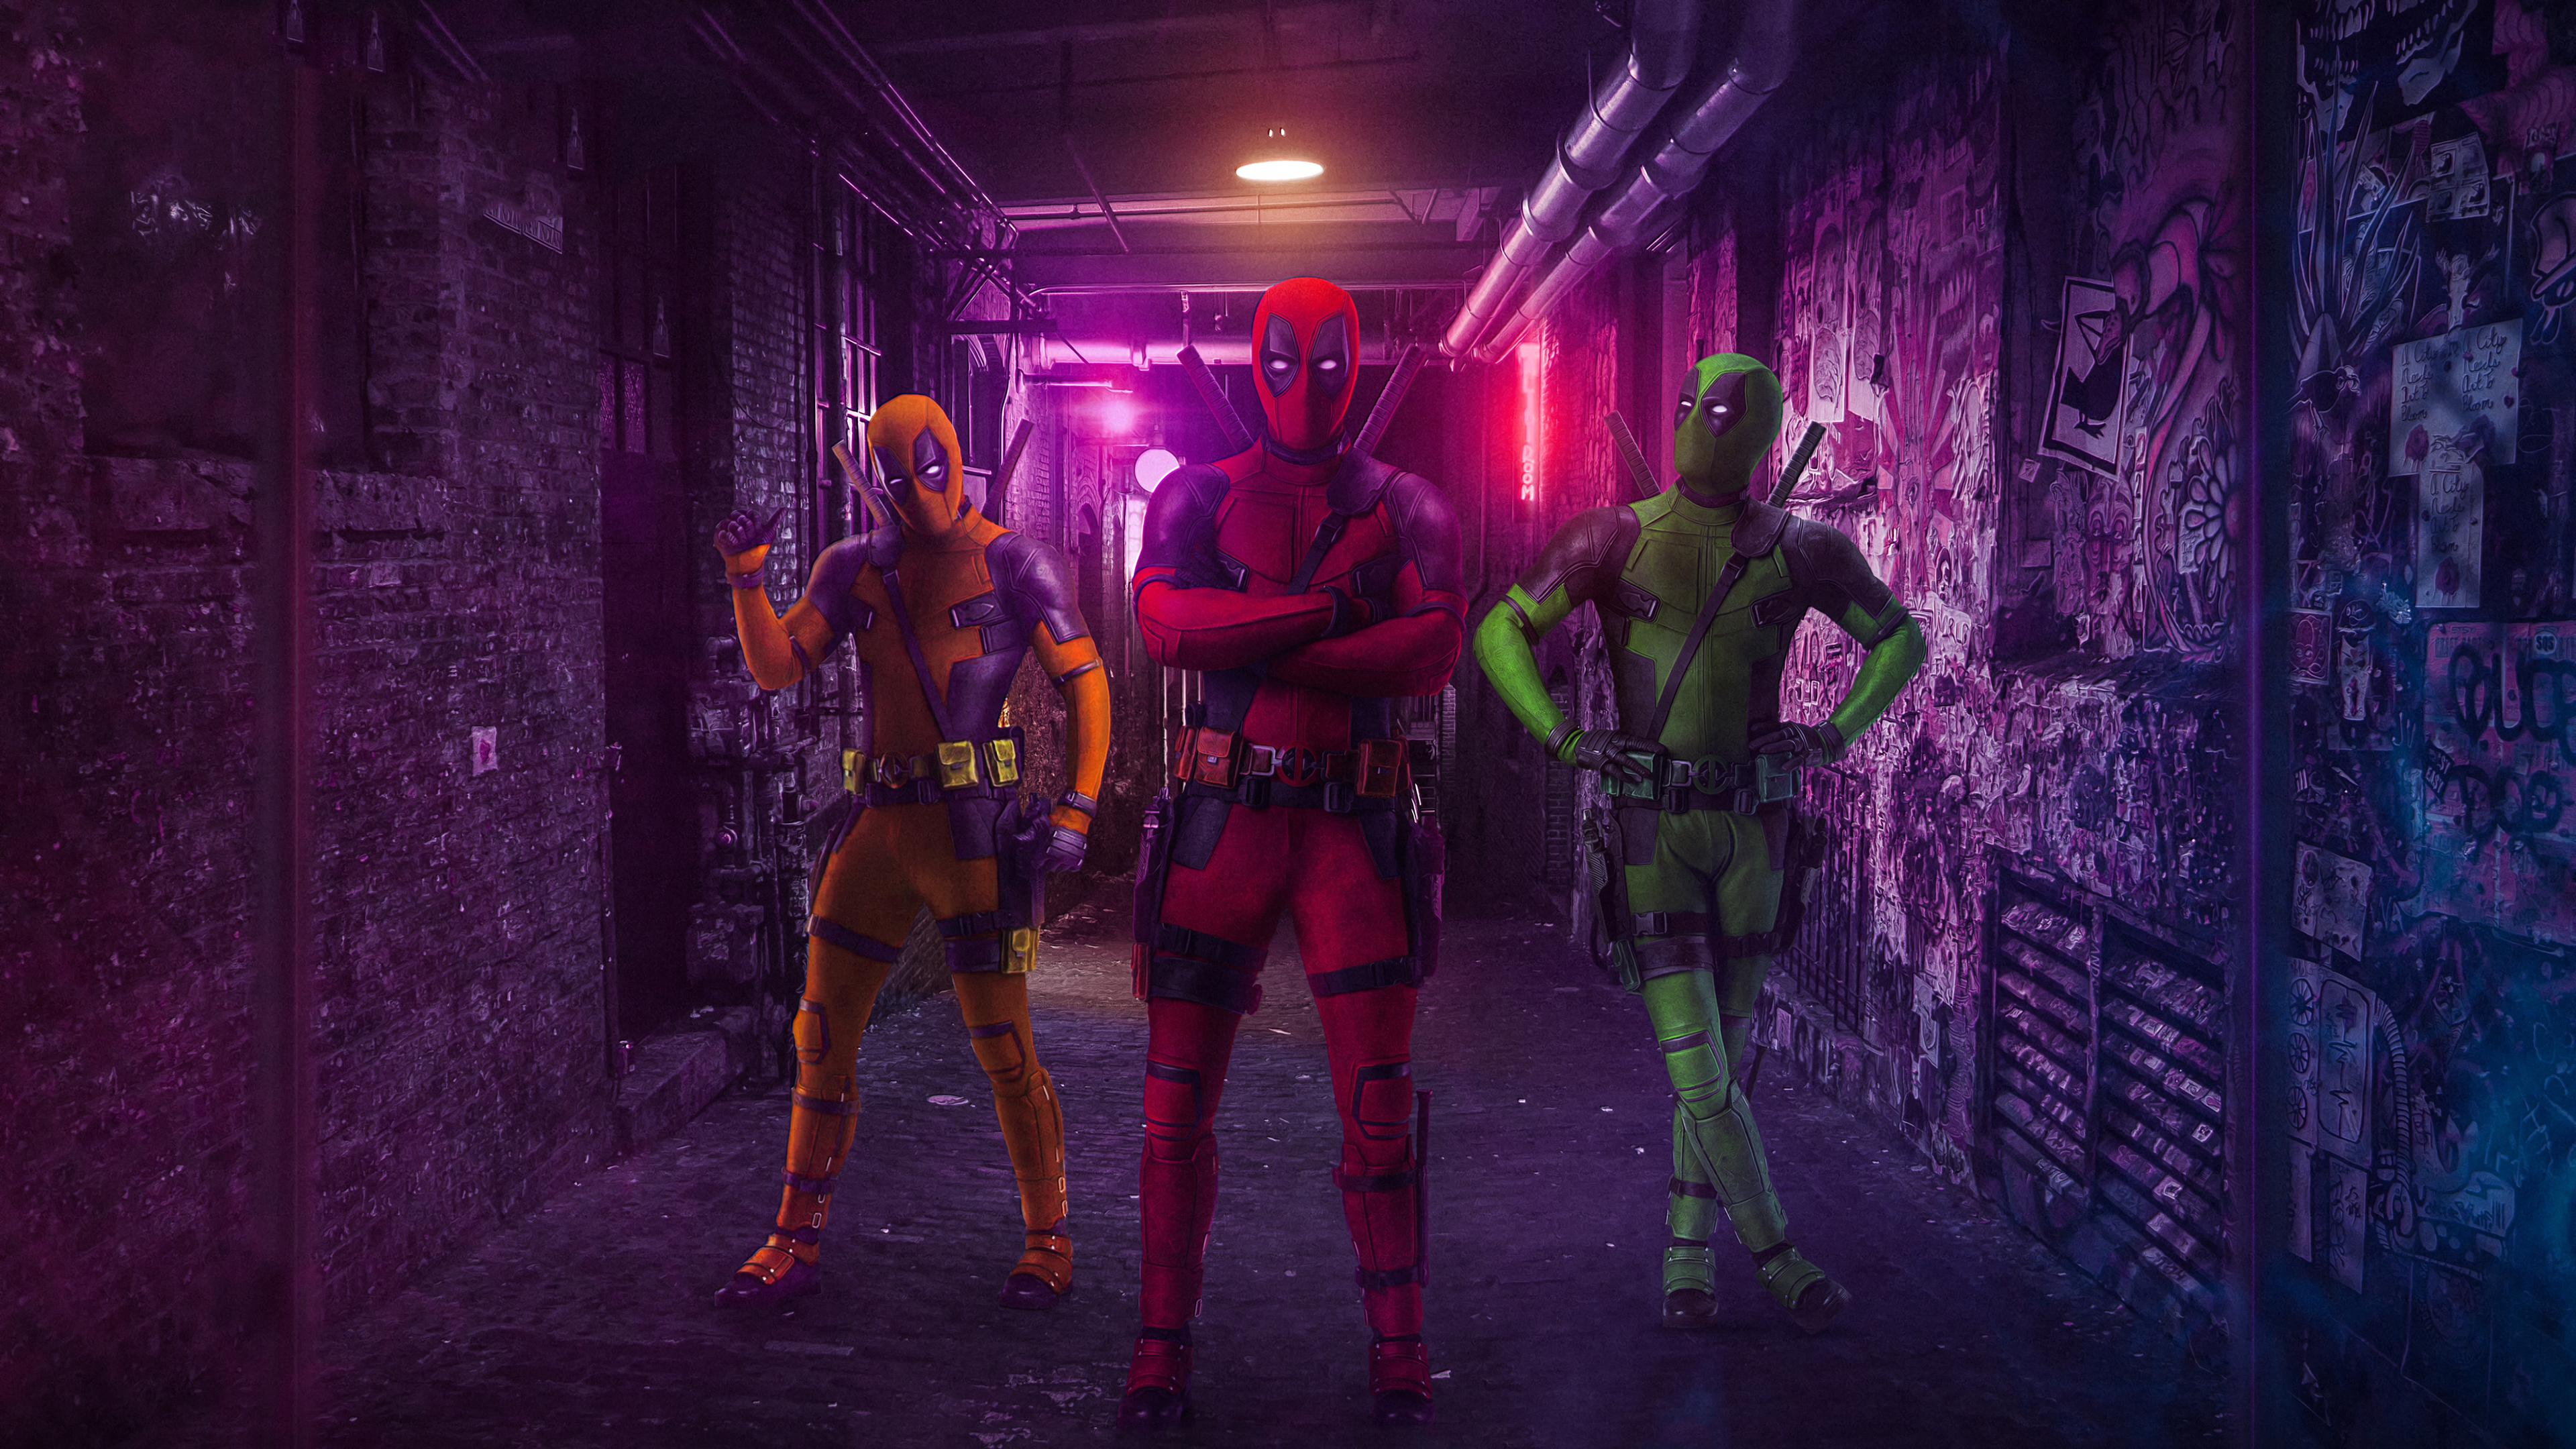 three deadpools 4k 1553071709 - Three Deadpools 4k - superheroes wallpapers, hd-wallpapers, deadpool wallpapers, behance wallpapers, 4k-wallpapers